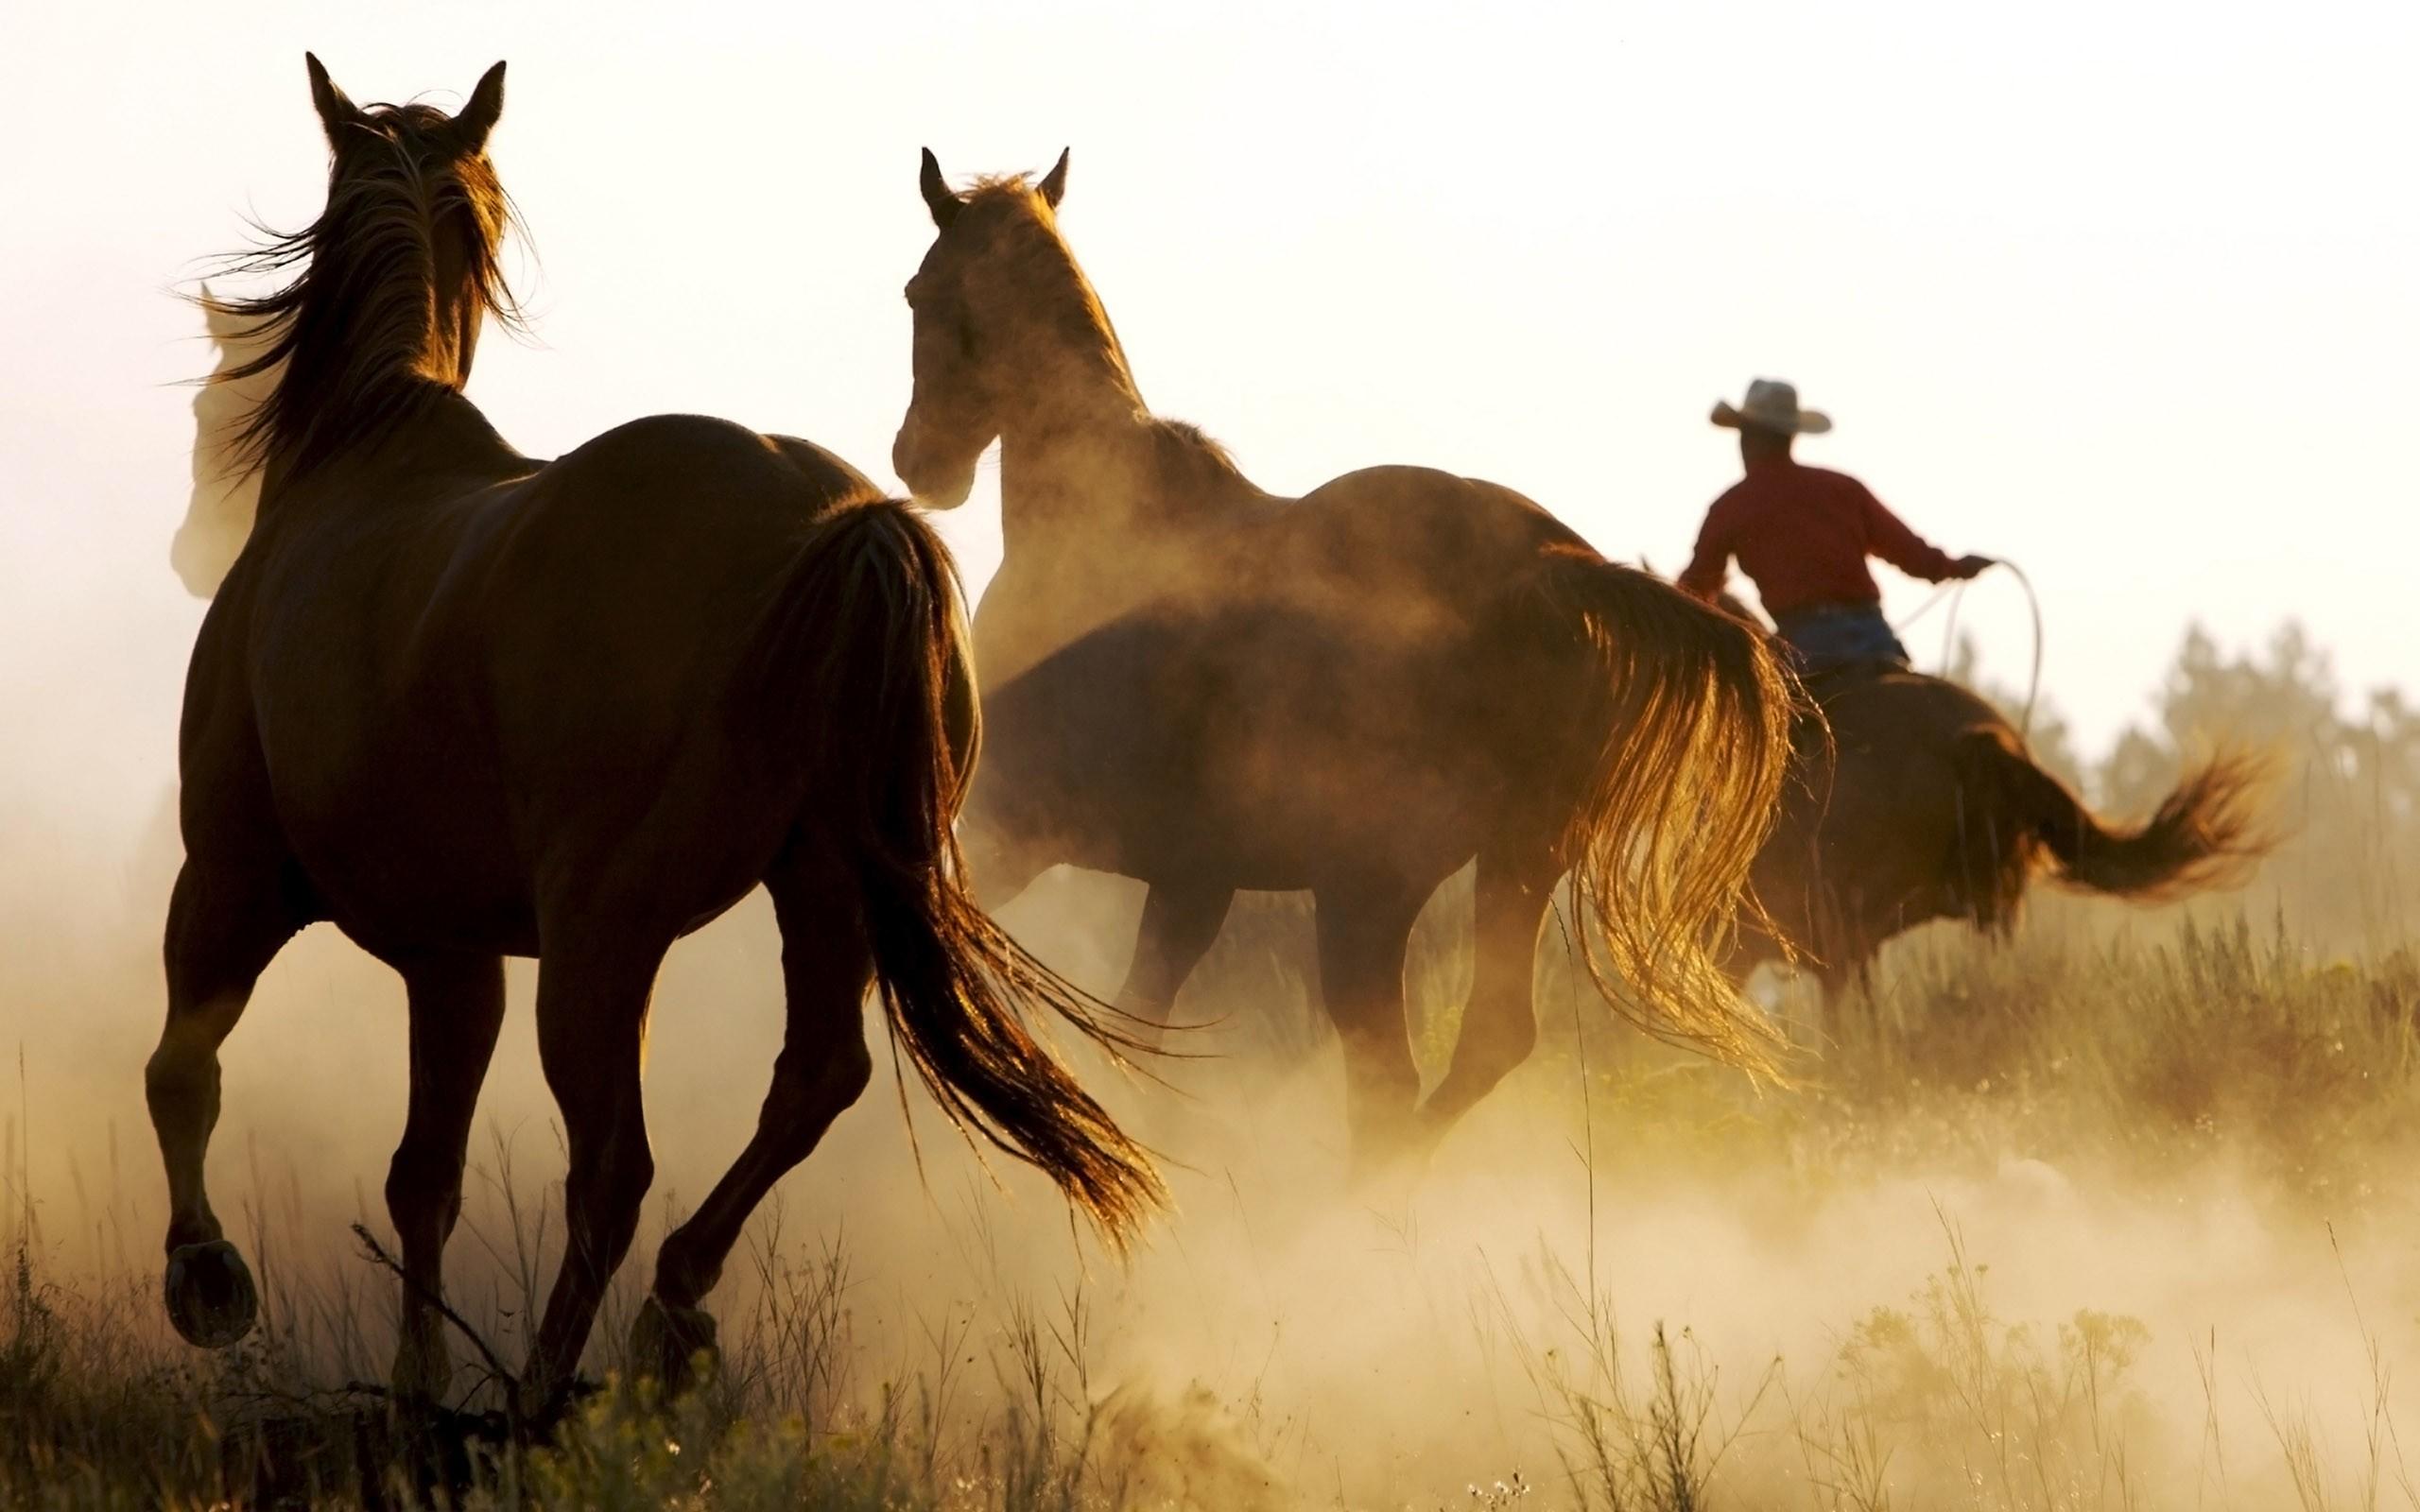 2560x1600 Wild Horses And Cowboy Desktop PC Mac Wallpaper